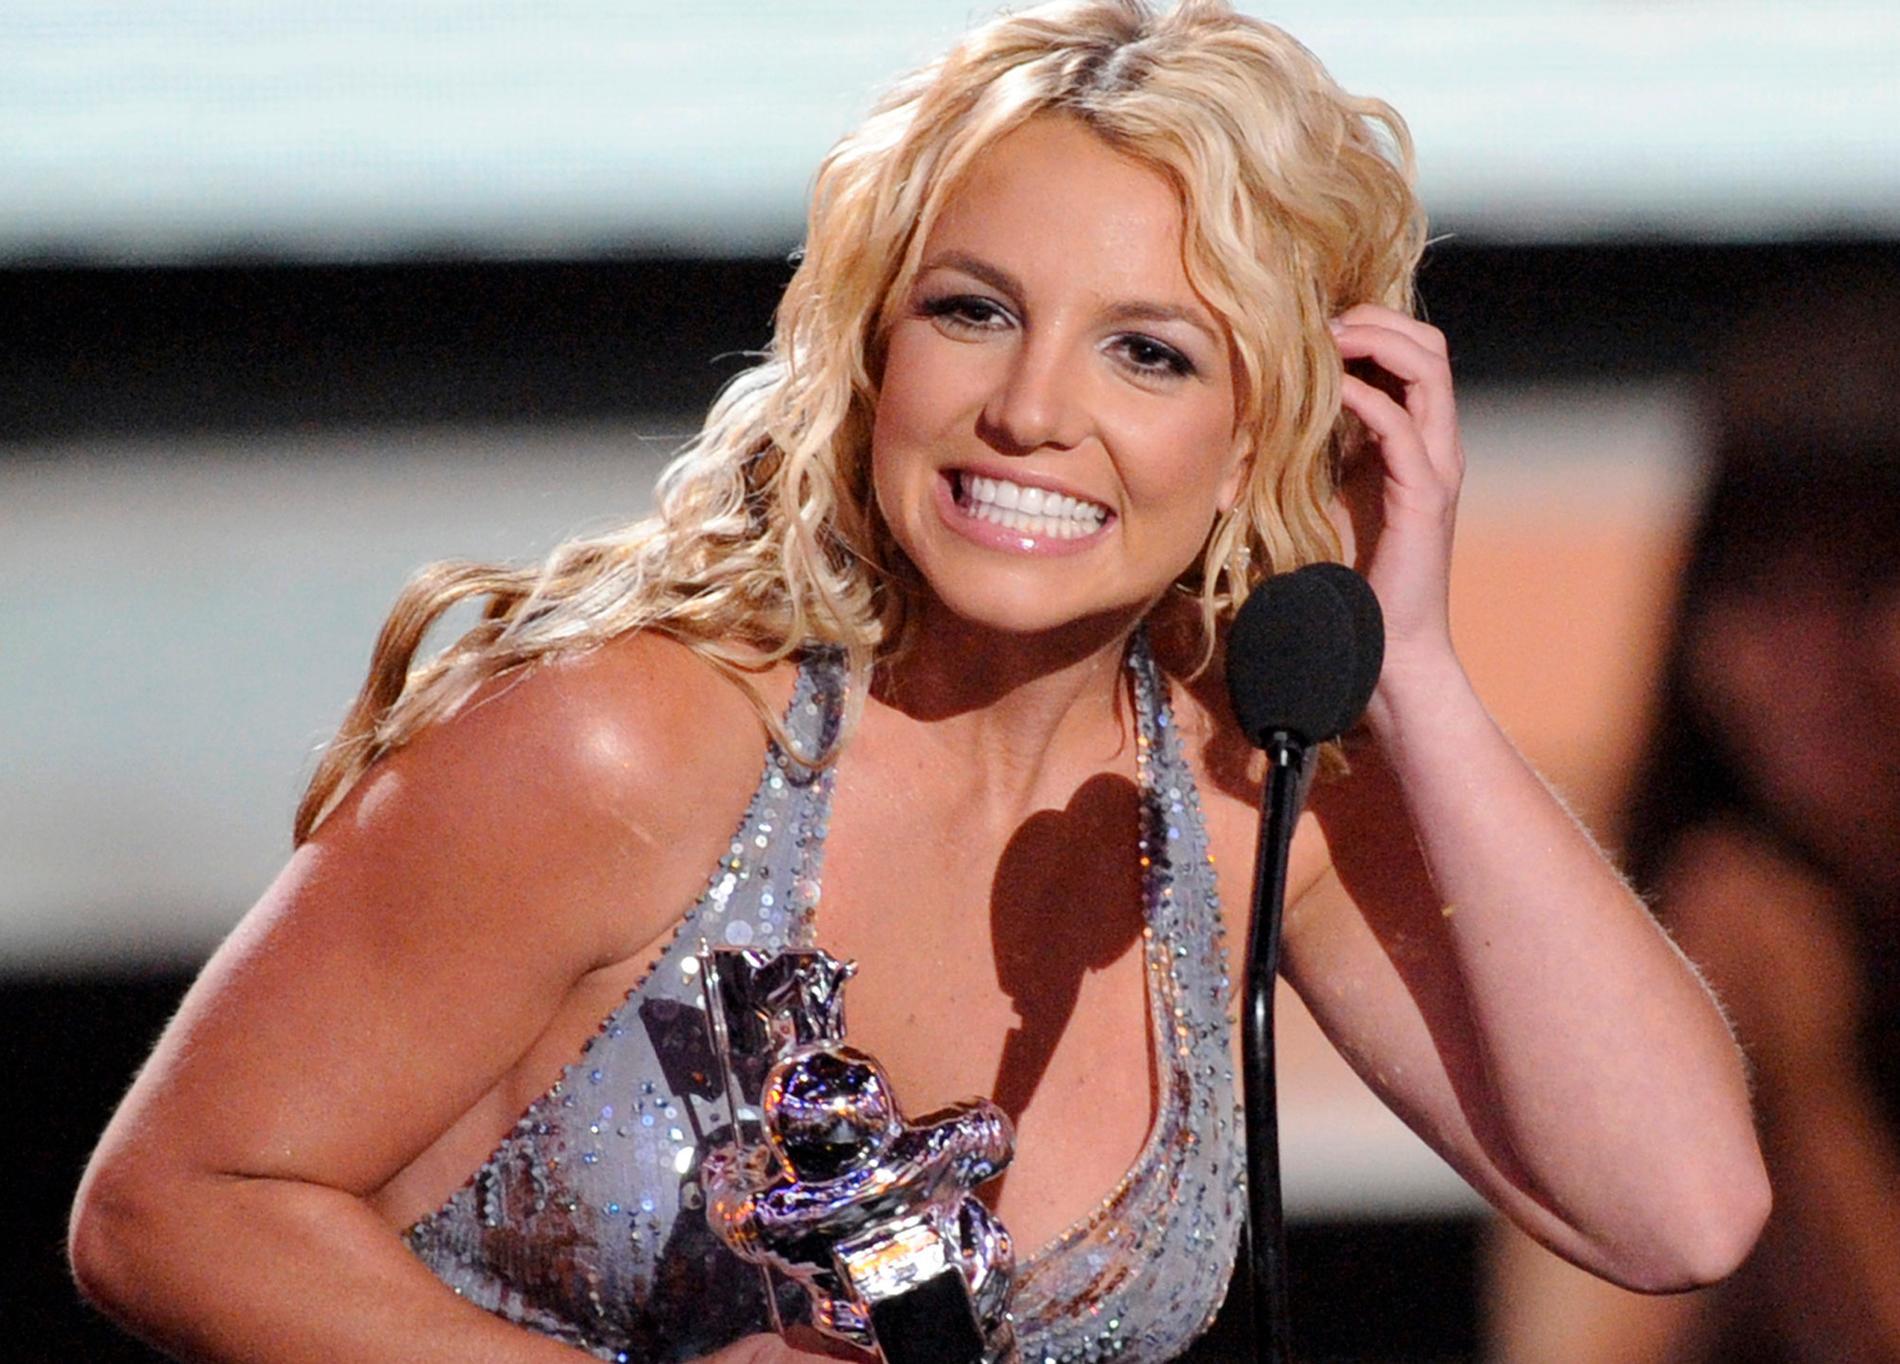 Dags för Britney att bli hyllad.